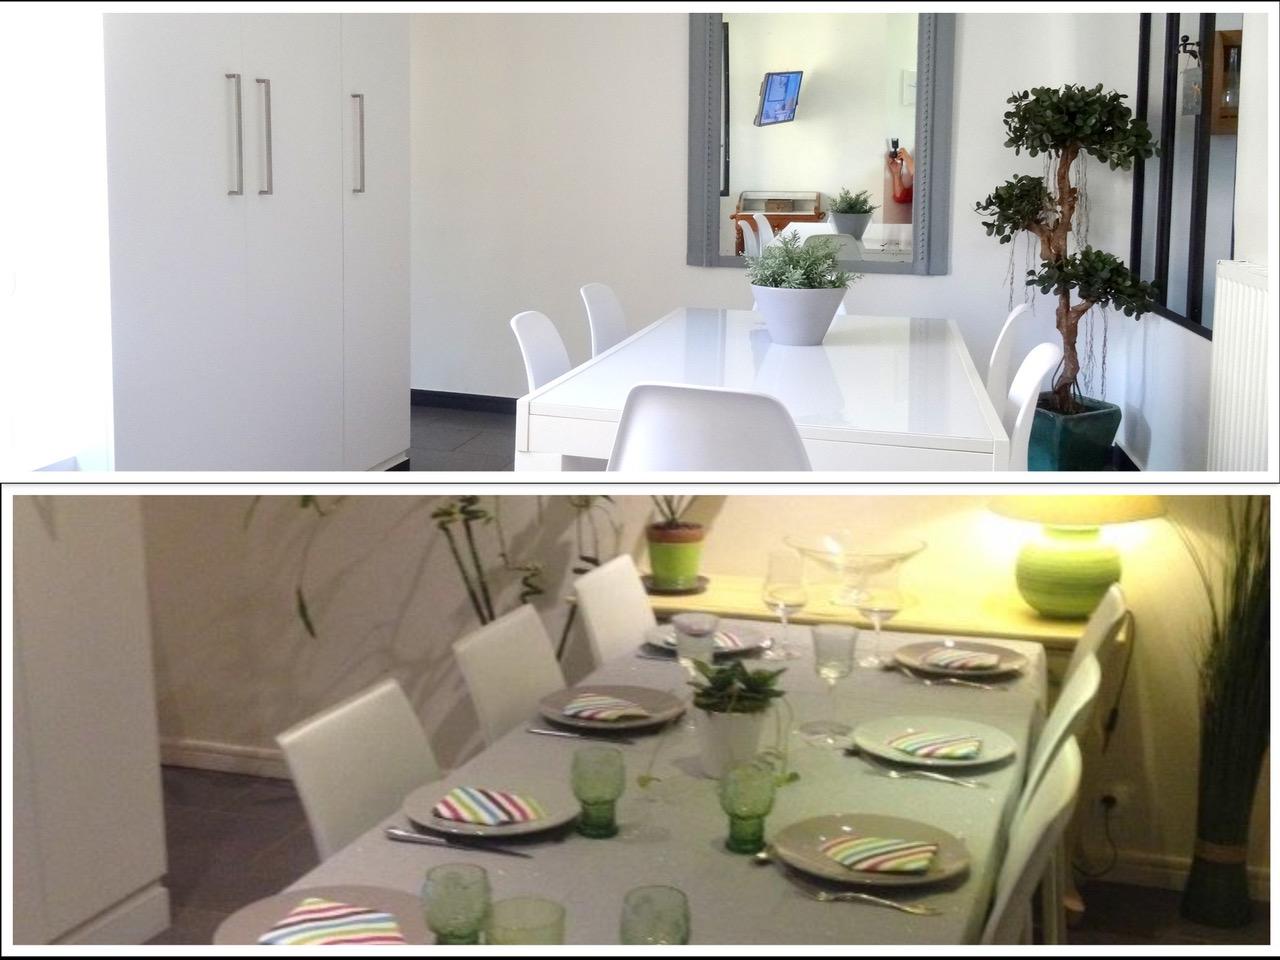 la-clef-des-villes-arnaud-mascarel-agence-immobiliere-chasseur-appartement- boulogne-billancourt-villers-sur-mer-location-jean-bouin-estimation-gratuite-salle-a-manger